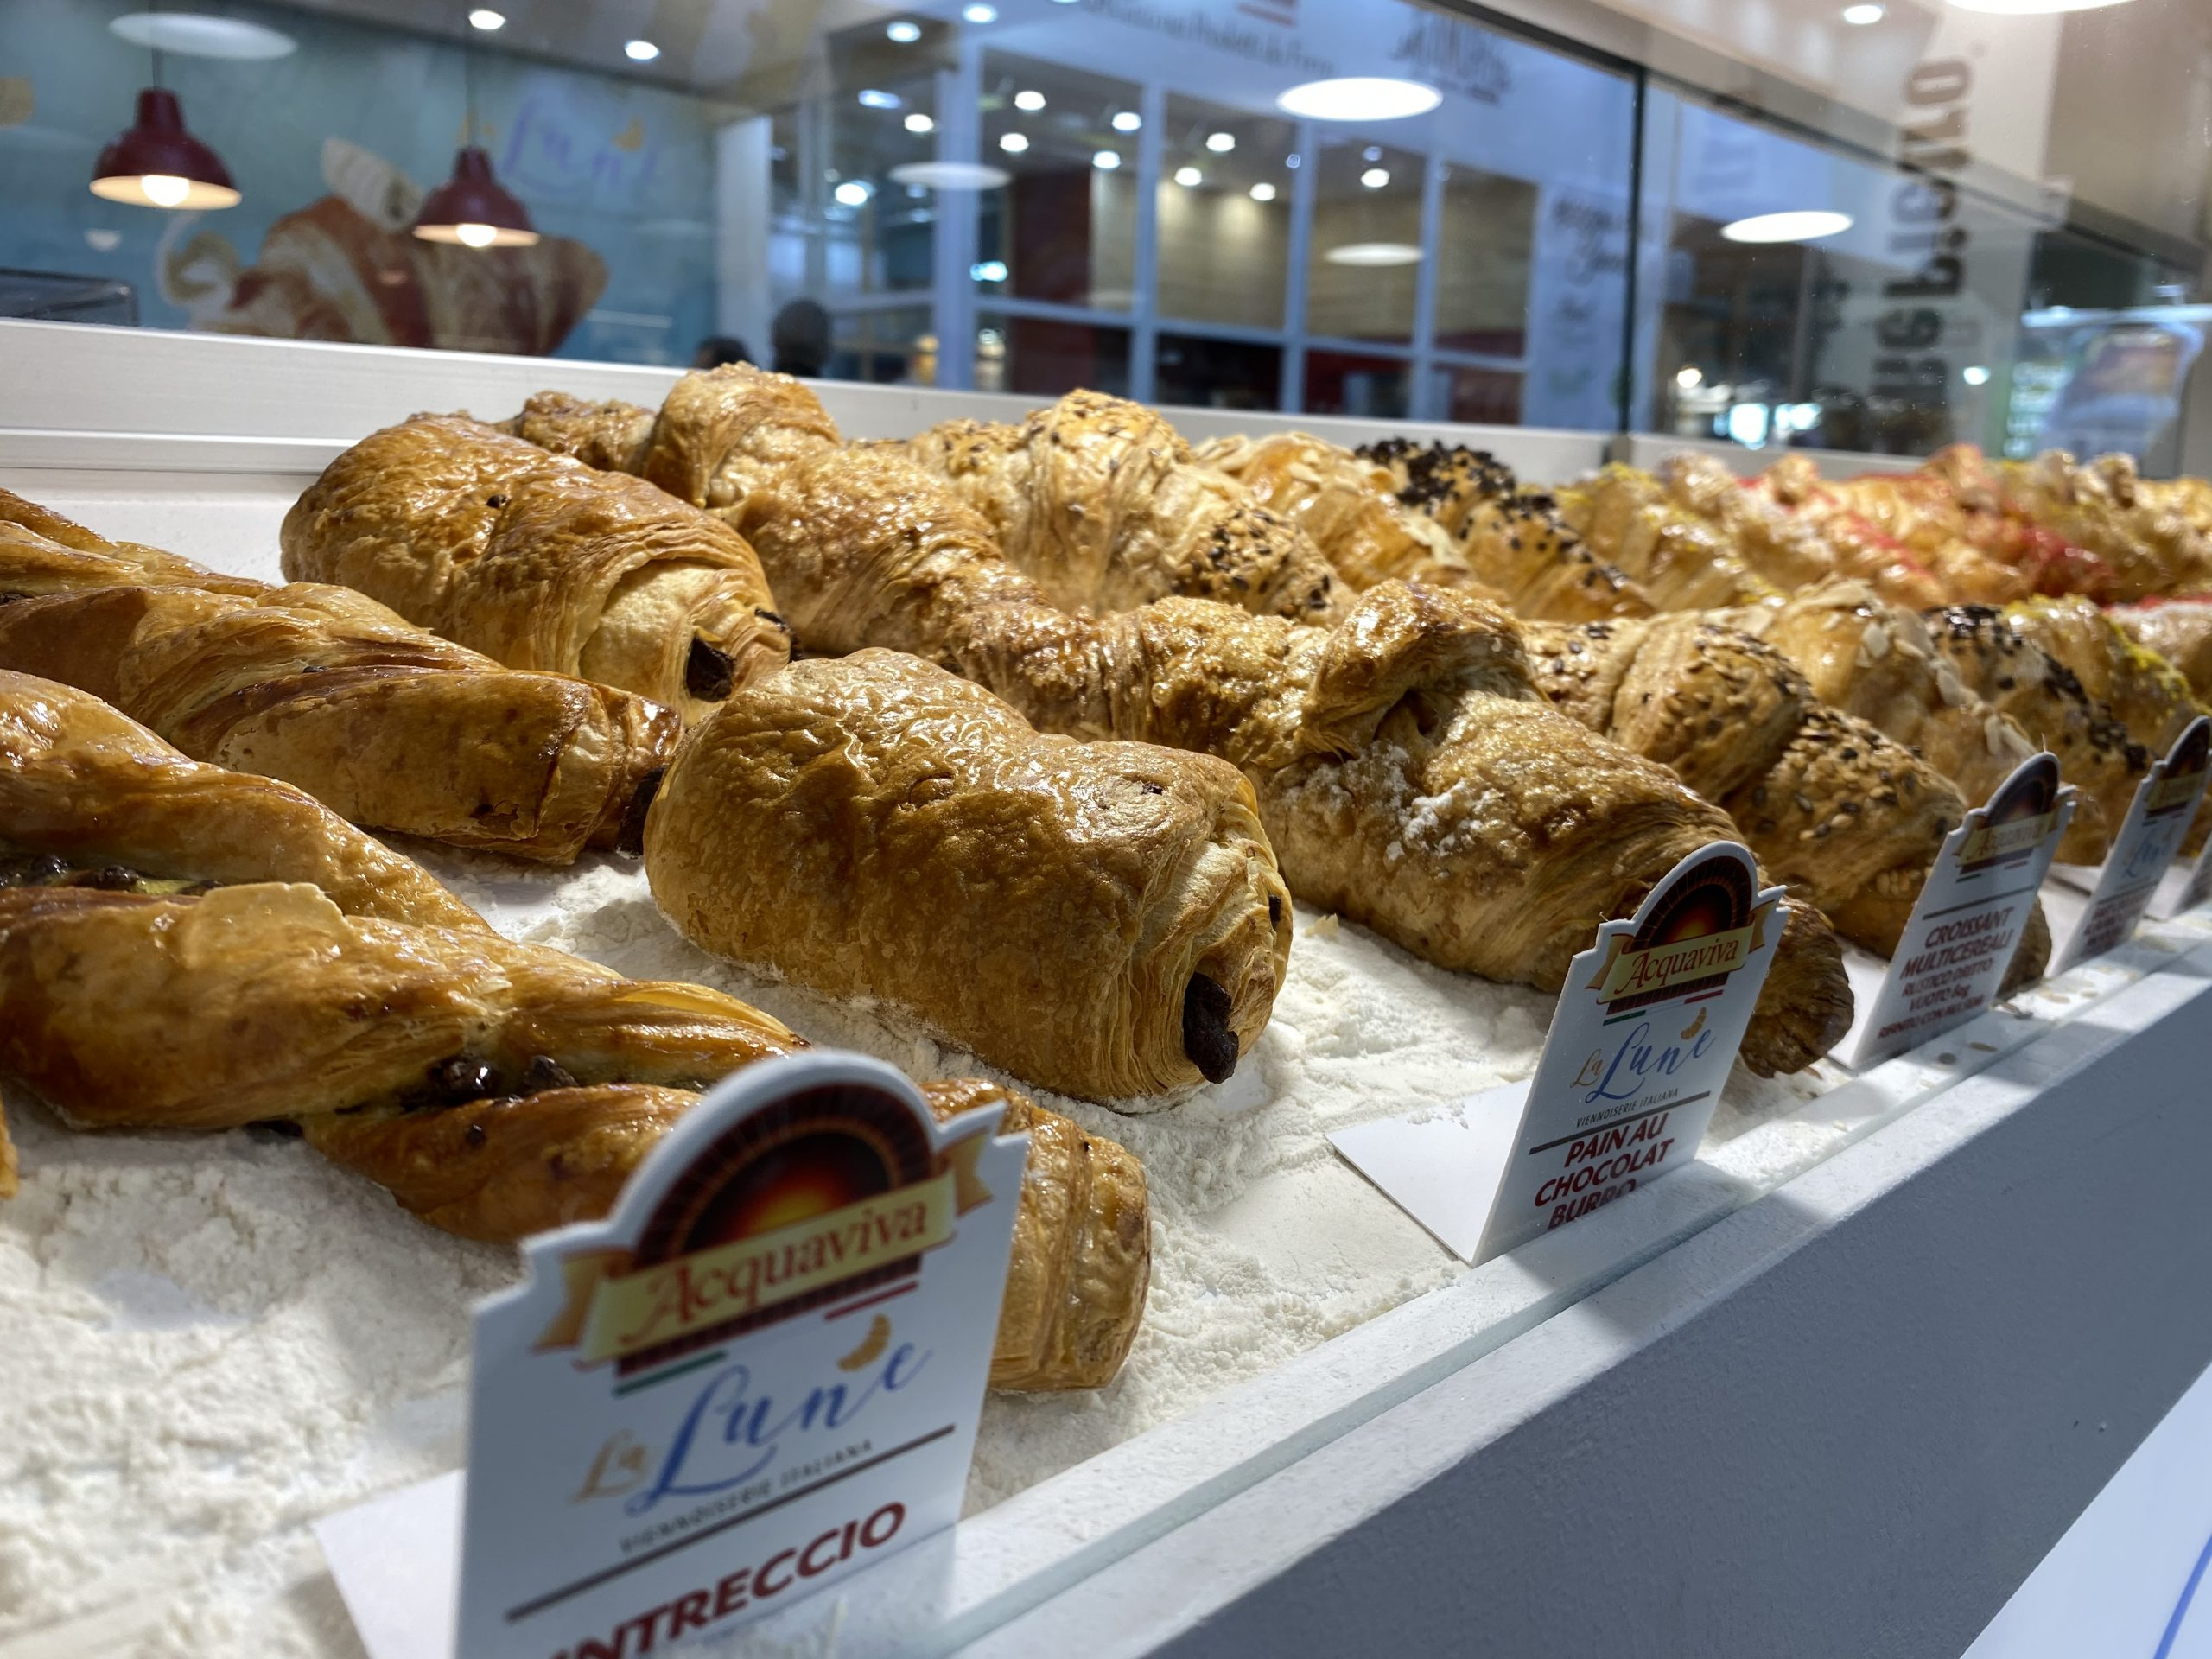 pan panaderia masa madre indespan investigacion y desarrollo panadero pasteleria materia prima sin gluten valencia españa bechamel hosteleria catering saludable sigep